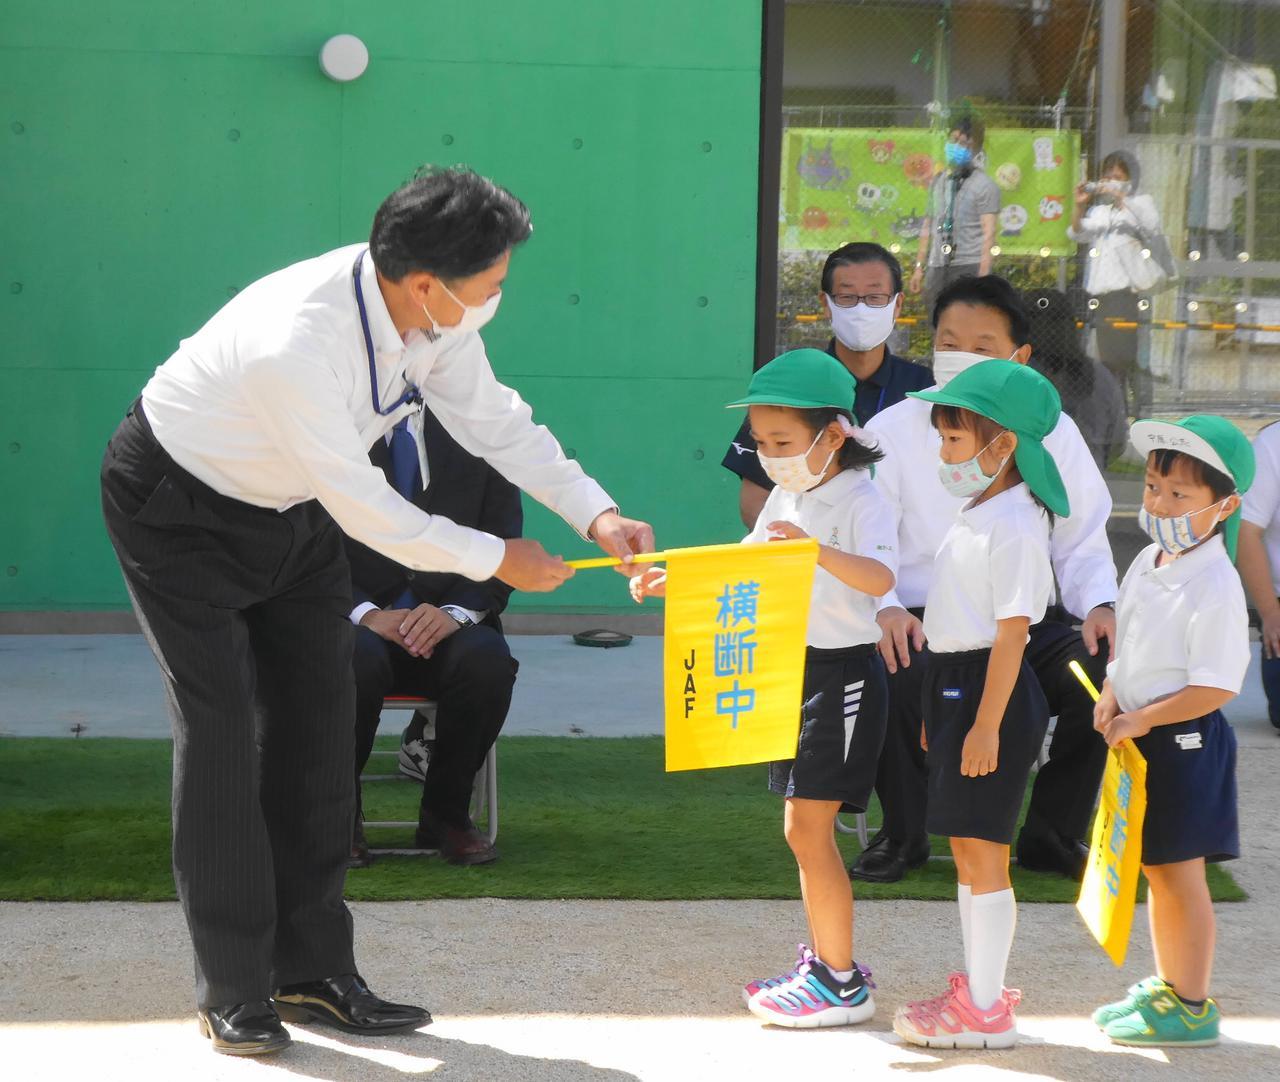 画像: キッズ・ゾーン設定式典で交通横断旗を受けとる園児たち